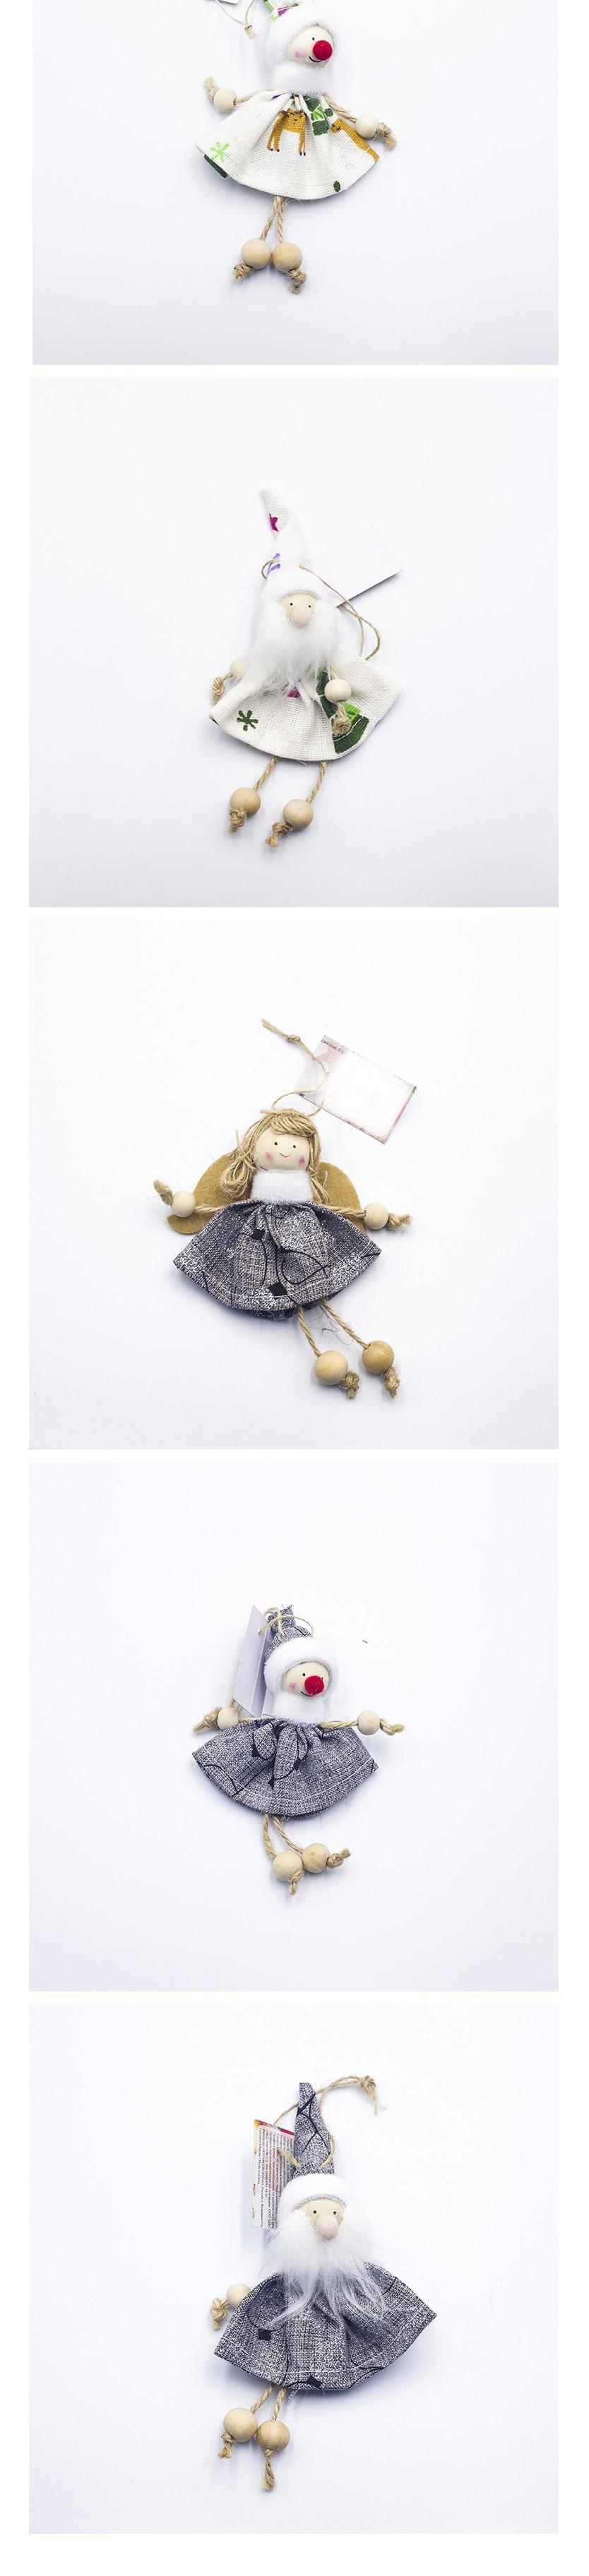 布艺娃娃_圣诞节-布艺笑脸娃娃圣诞玩偶挂件-圣诞节装饰---阿里巴巴_03